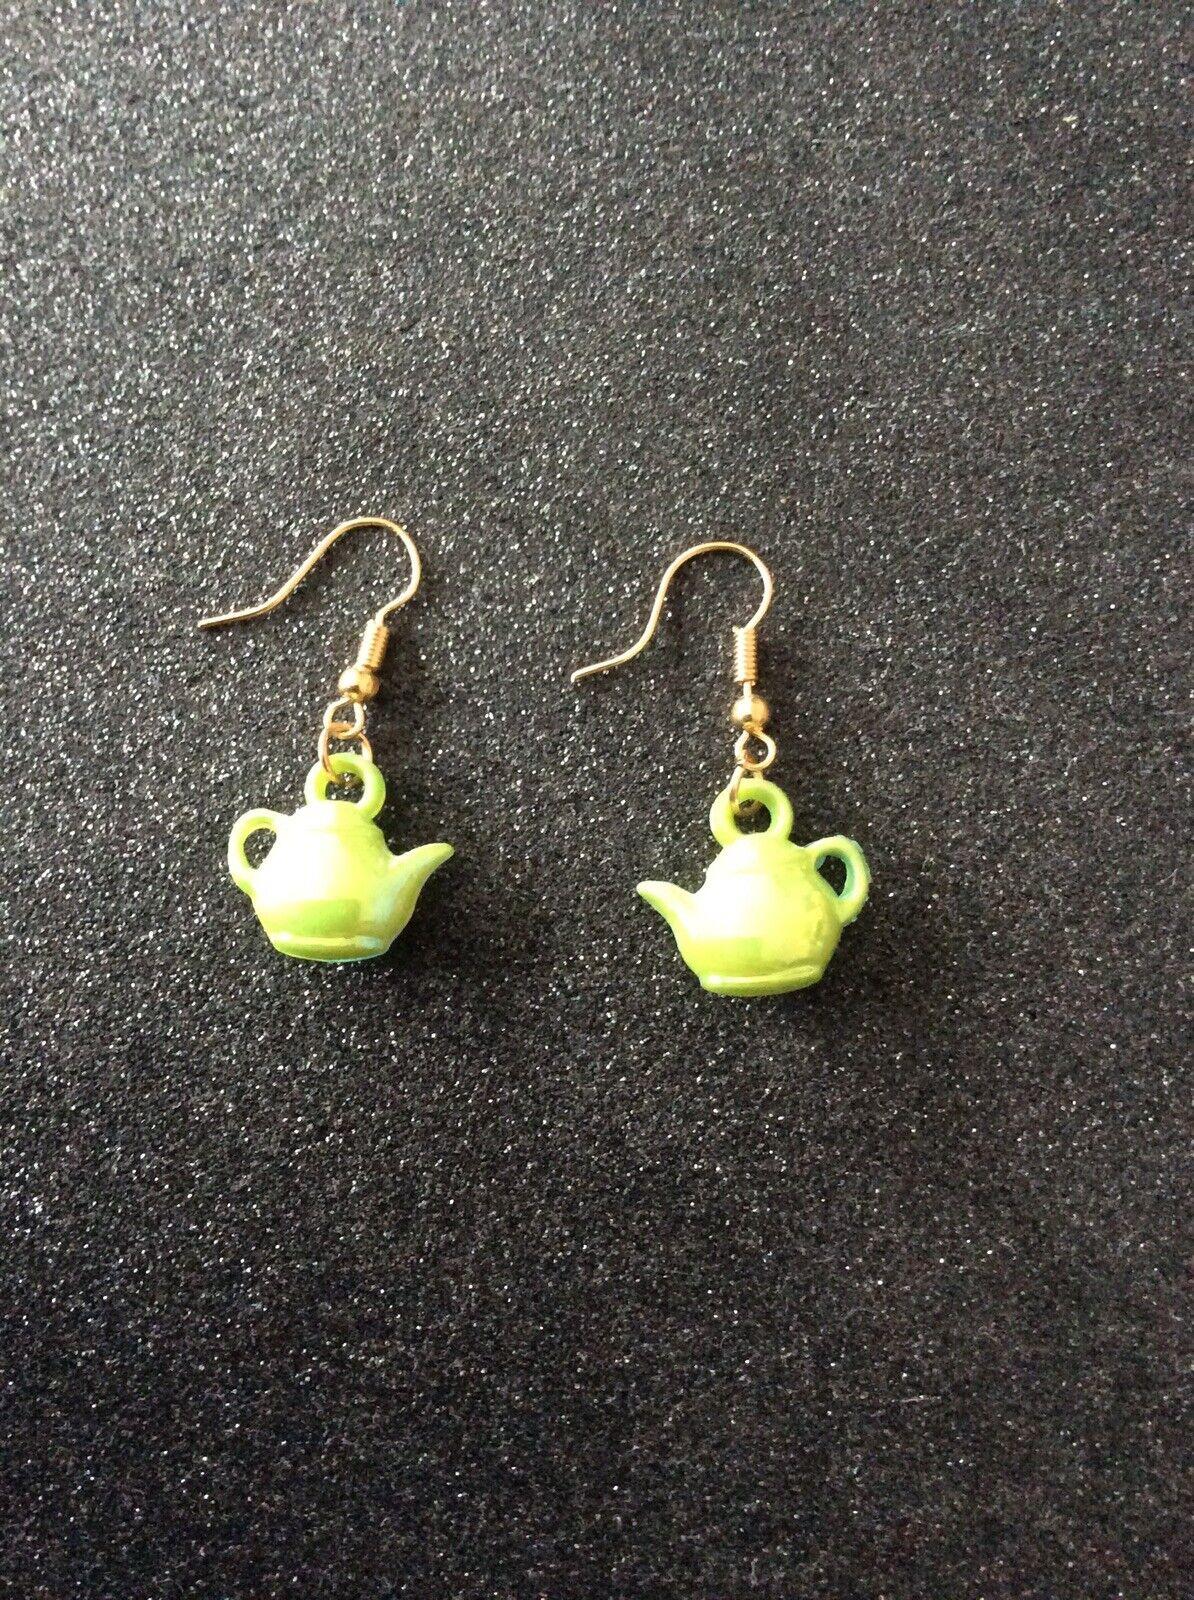 Green Acrylic Teapot Earrings Tea Cafe Kitchen Mad Hatter Tea Party Fancy Dress